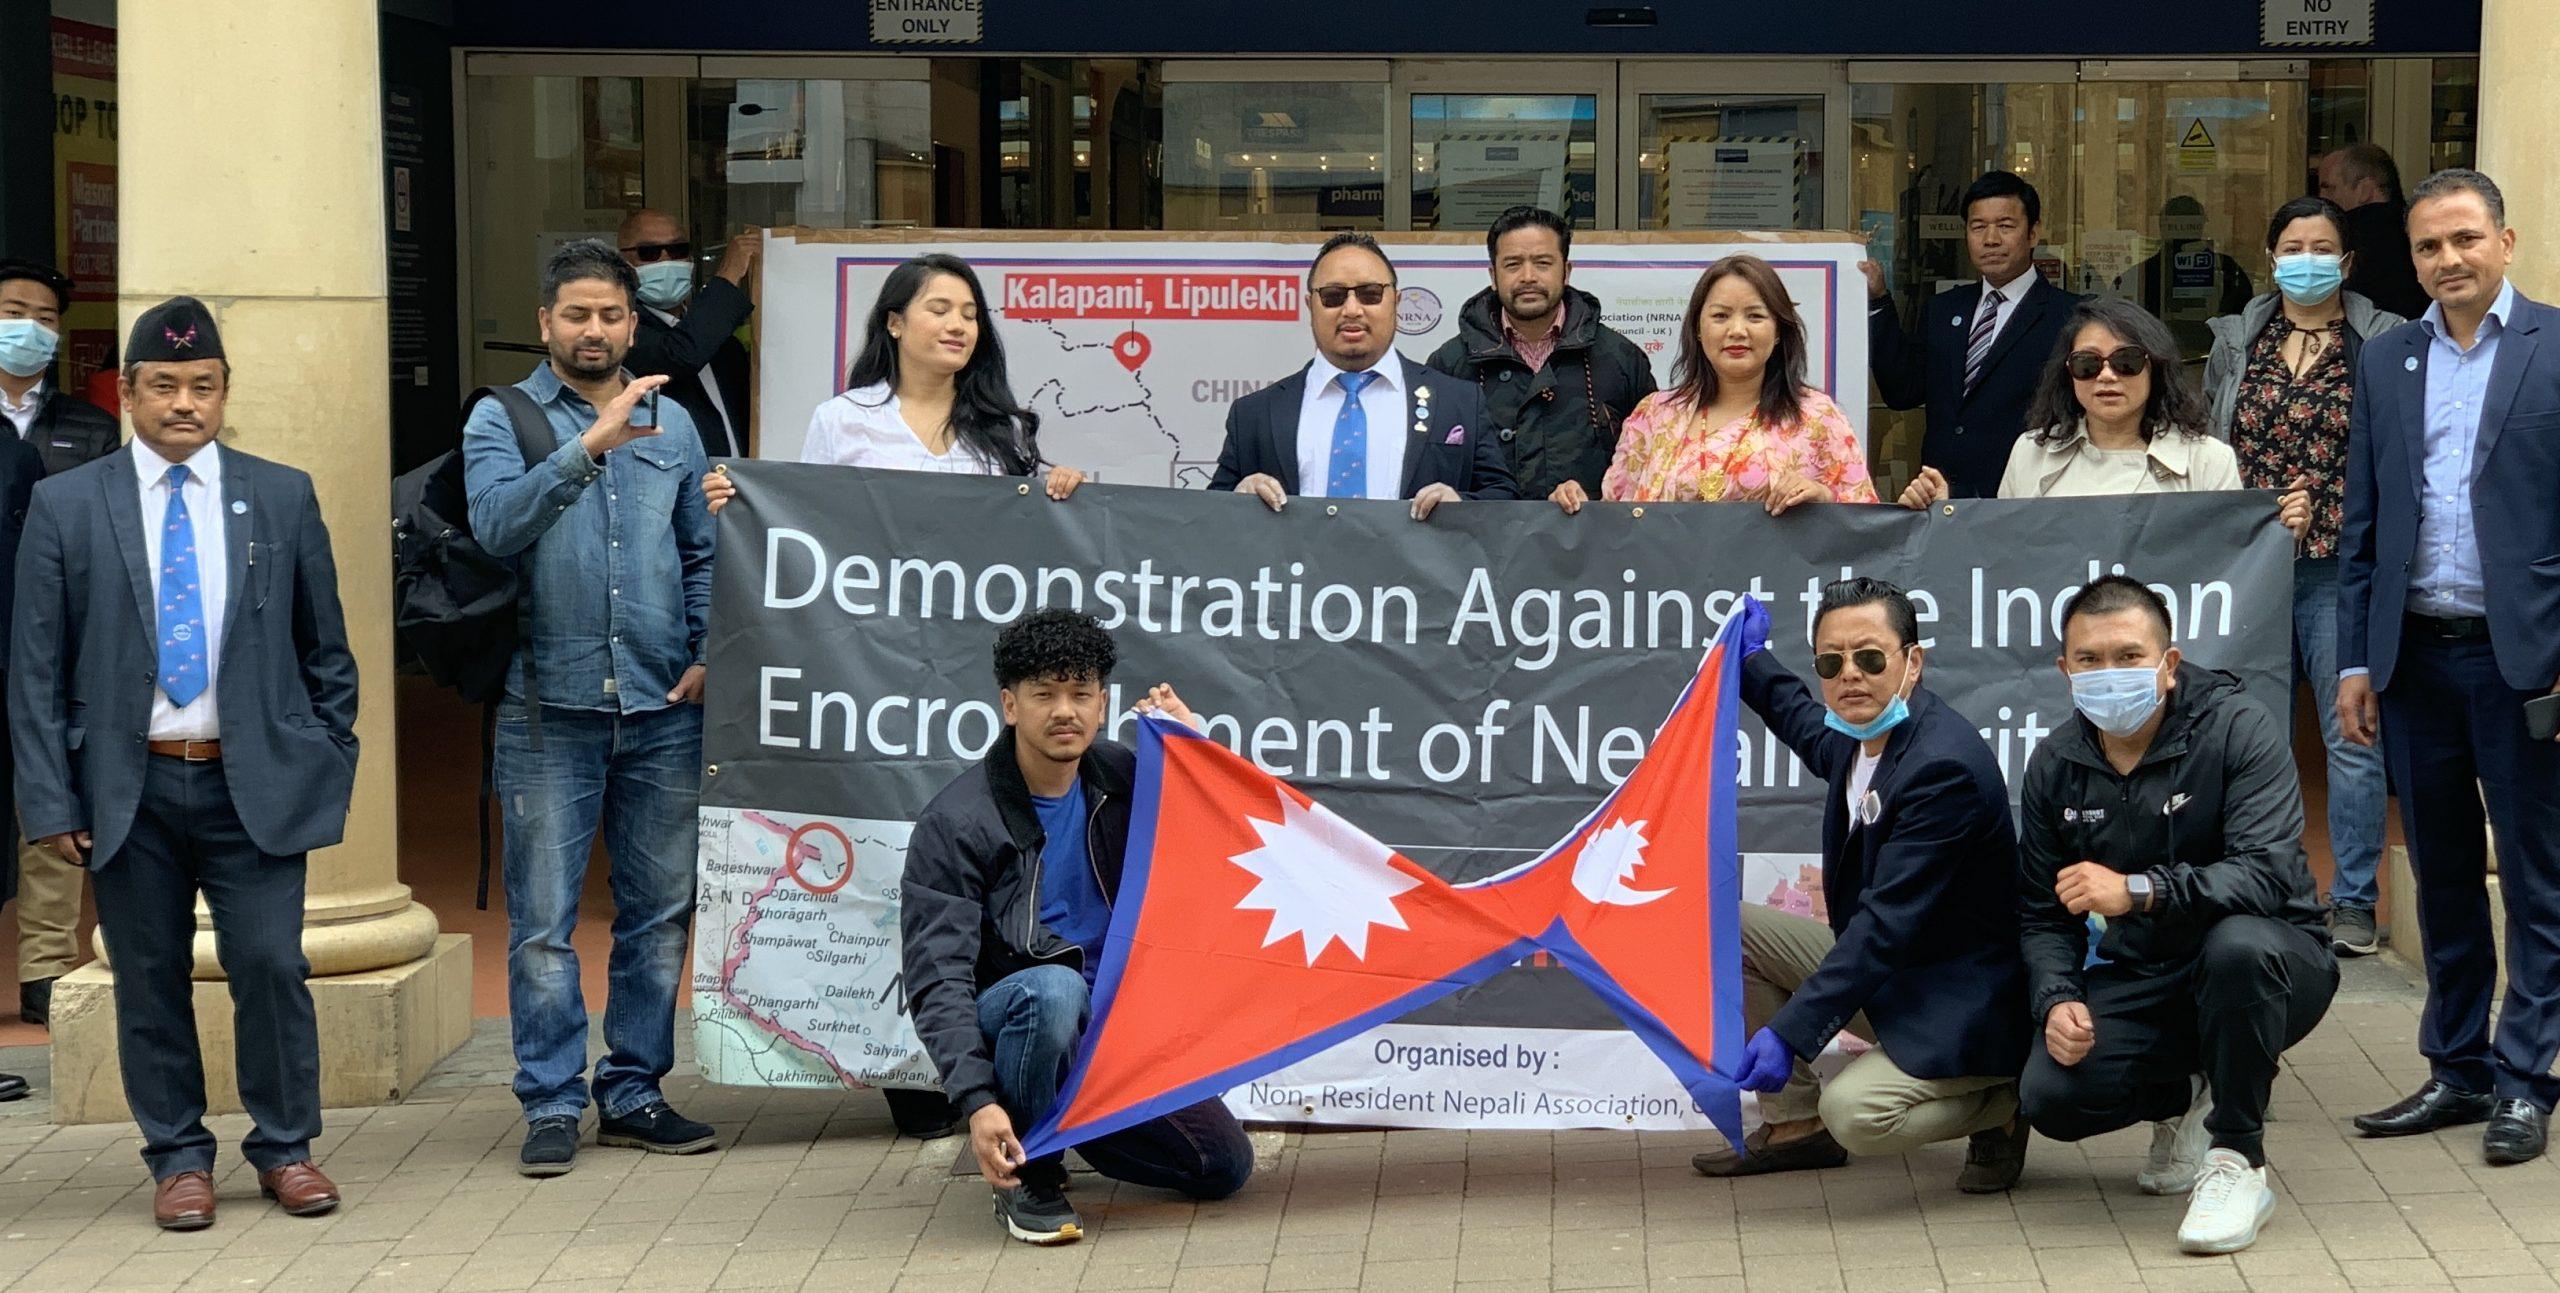 एनआरएनए यूके द्वारा भूमि अतिक्रमणको विरोधमा भारतीय प्रधानमन्त्रीलाई ज्ञापनपत्र